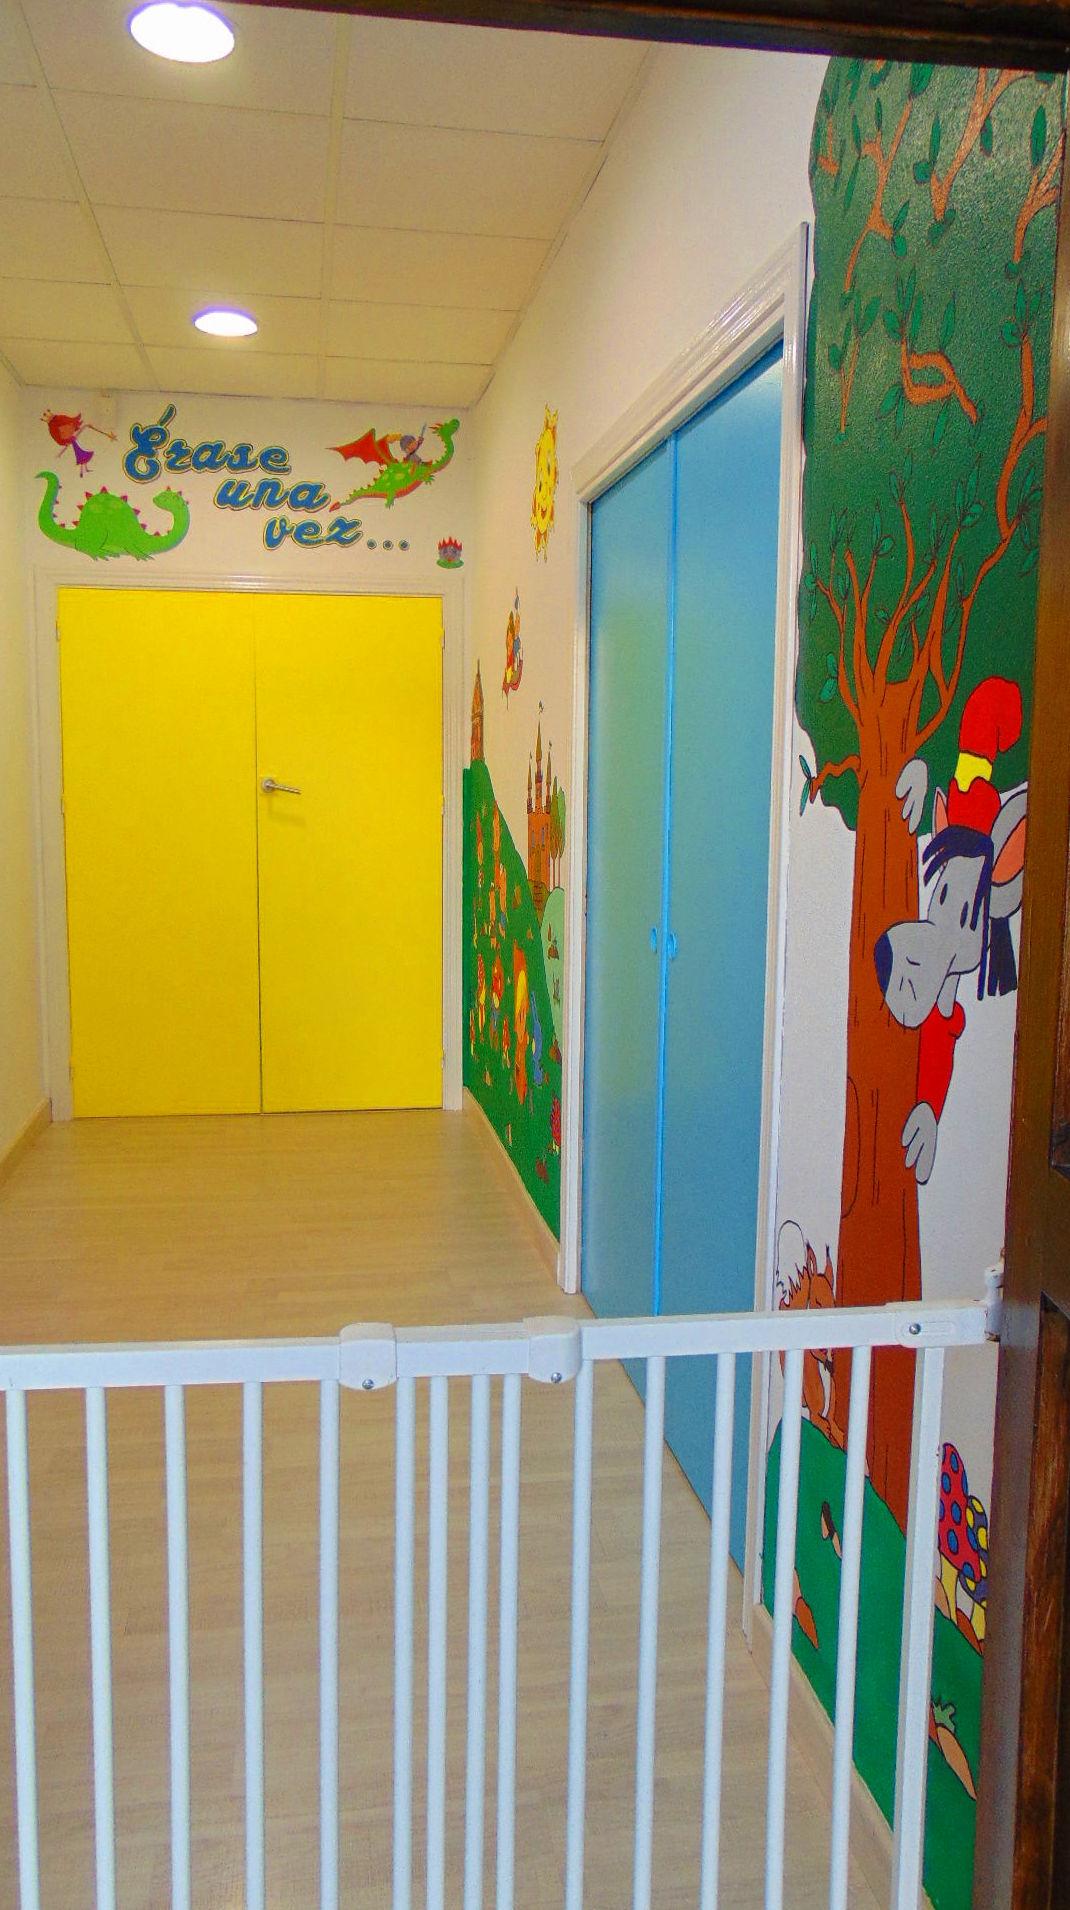 Foto 2 de Guarderías y escuelas infantiles en Torre del Mar | Érase Una Vez